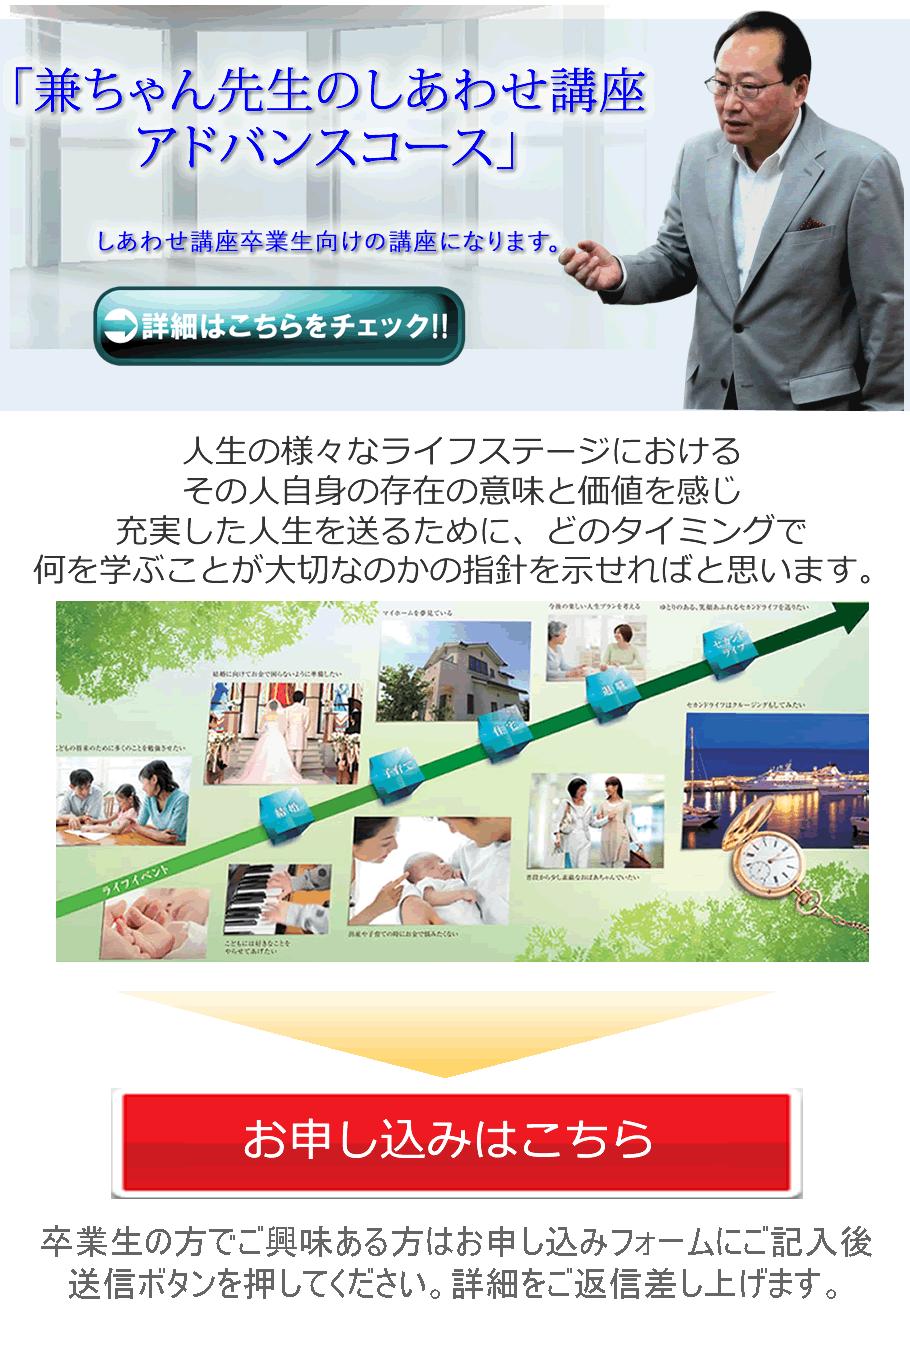 shiawasepremium - 兼ちゃん先生の しあわせ講座 第4期卒業生の感想文紹介